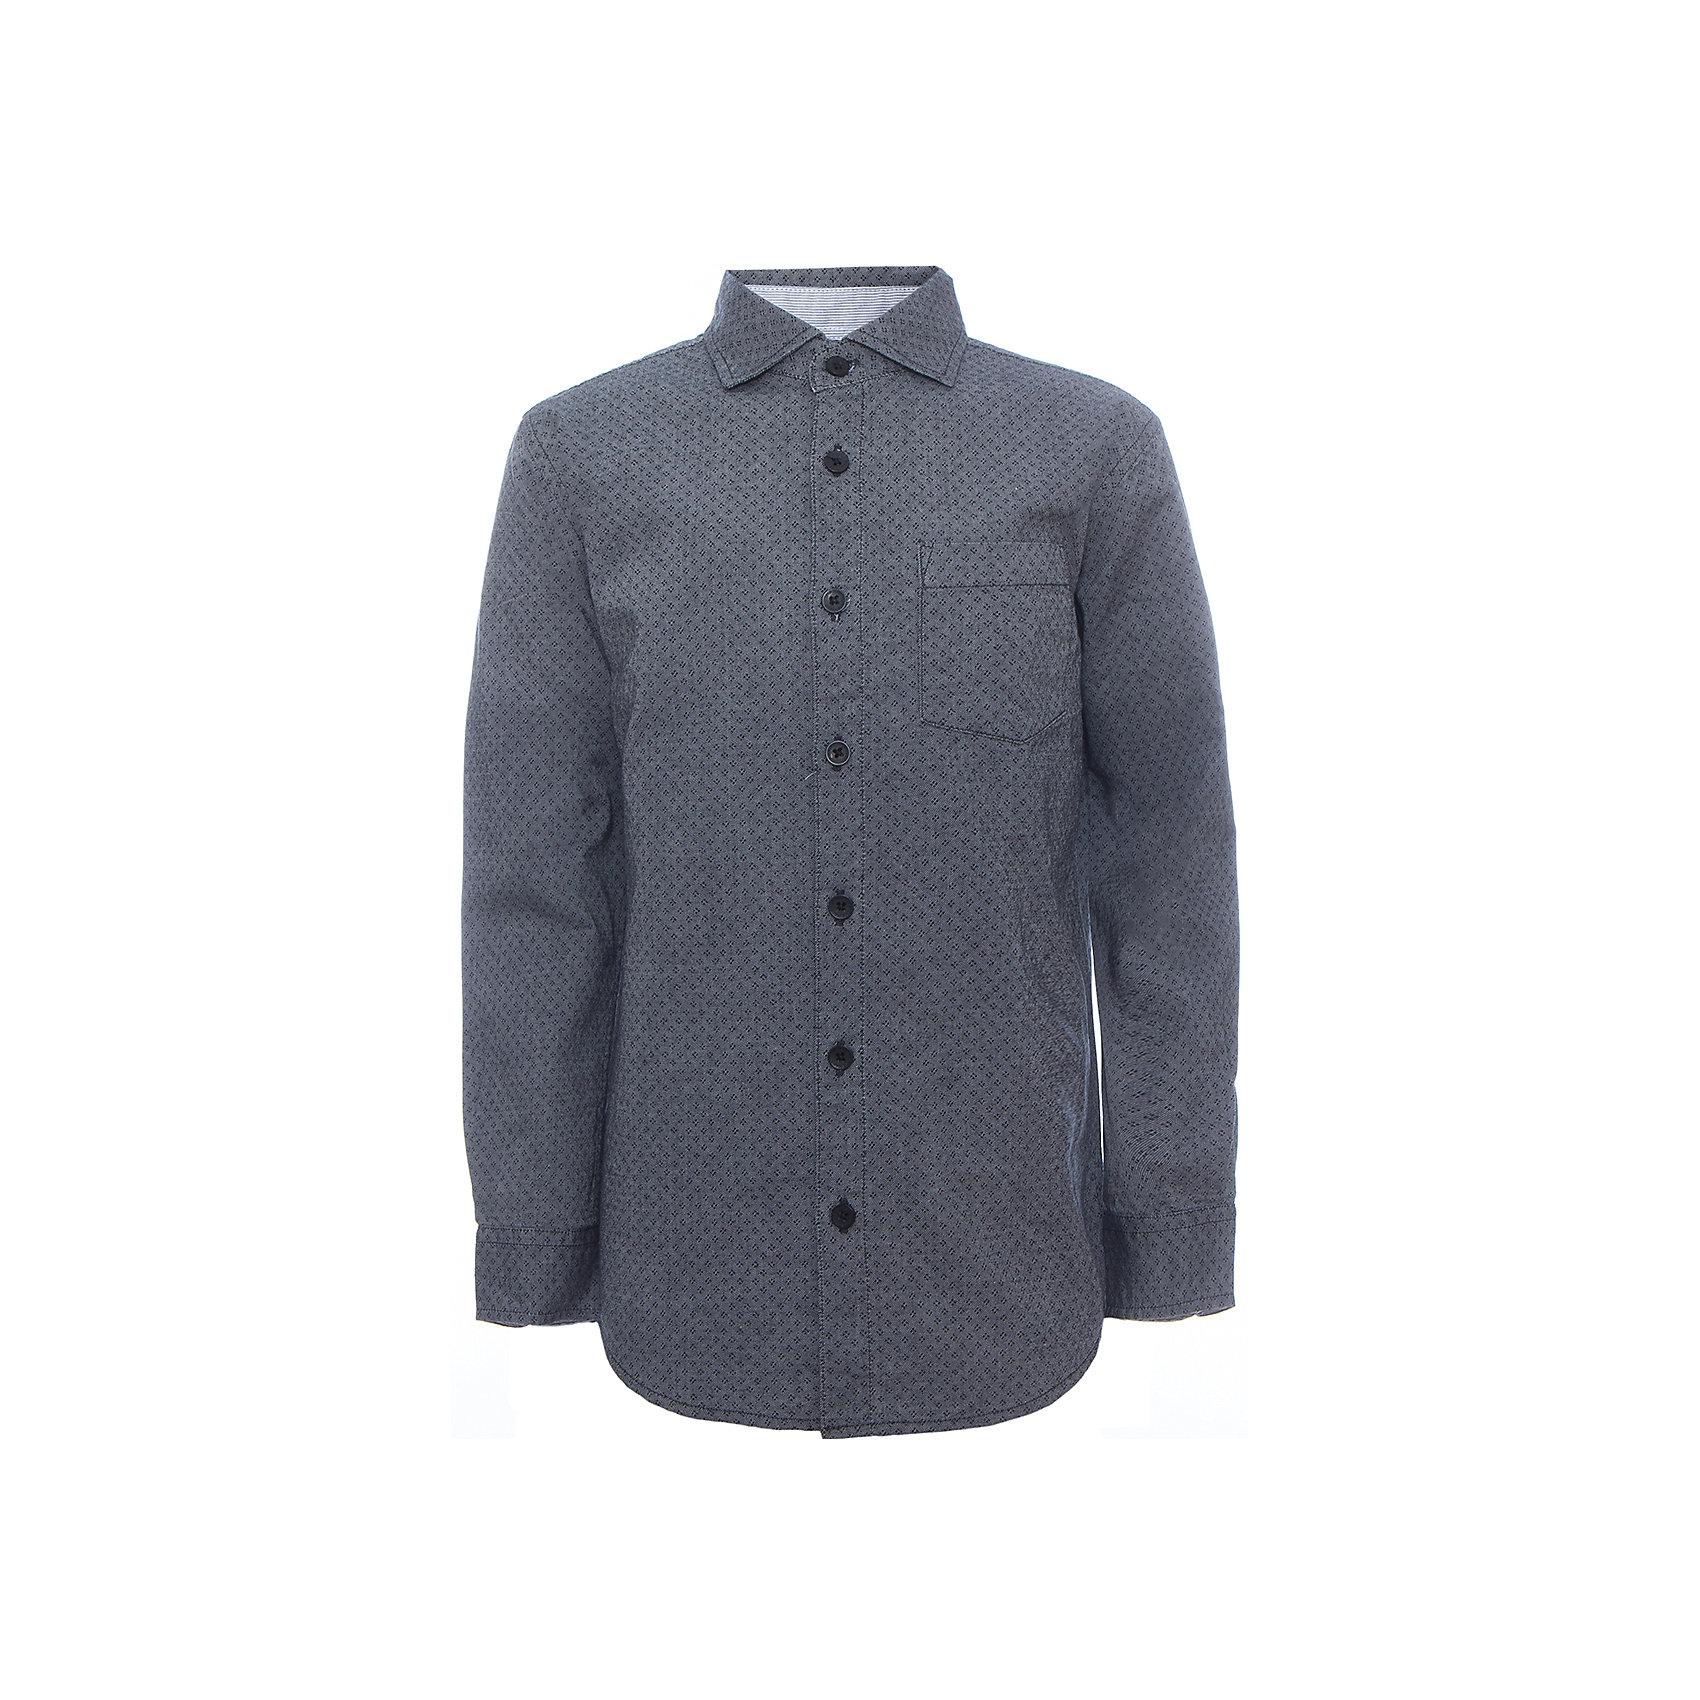 Рубашка для мальчика SELAБлузки и рубашки<br>Рубашка для мальчика Sela.<br><br>Характеристики:<br><br>• Цвет серый.<br>• Рукав длинный.<br>• Силуэт прямой.<br>• Сезон: демисезонный.<br>• Состав:100% хлопок.<br><br>Удобная рубашка - незаменимая вещь в гардеробе школьников. Эта модель отлично сидит на ребенке, она сделана из приятного на ощупь материала, мягкая и дышащая. Рубашка украшена накладным карманом, интересным принтом. Натуральный хлопок в составе ткани не вызывает аллергии и обеспечивает ребенку комфорт. Модель станет отличной базовой вещью, которая будет уместна в различных сочетаниях.<br>Одежда от бренда Sela (Села) - это качество по приемлемым ценам. Многие российские родители уже оценили преимущества продукции этой компании и всё чаще приобретают одежду и аксессуары Sela.<br><br>Рубашку для мальчика Sela,можно купить в нашем интернет- магазине.<br><br>Ширина мм: 174<br>Глубина мм: 10<br>Высота мм: 169<br>Вес г: 157<br>Цвет: синий<br>Возраст от месяцев: 132<br>Возраст до месяцев: 144<br>Пол: Мужской<br>Возраст: Детский<br>Размер: 152,116,122,128,134,140,146<br>SKU: 5078951